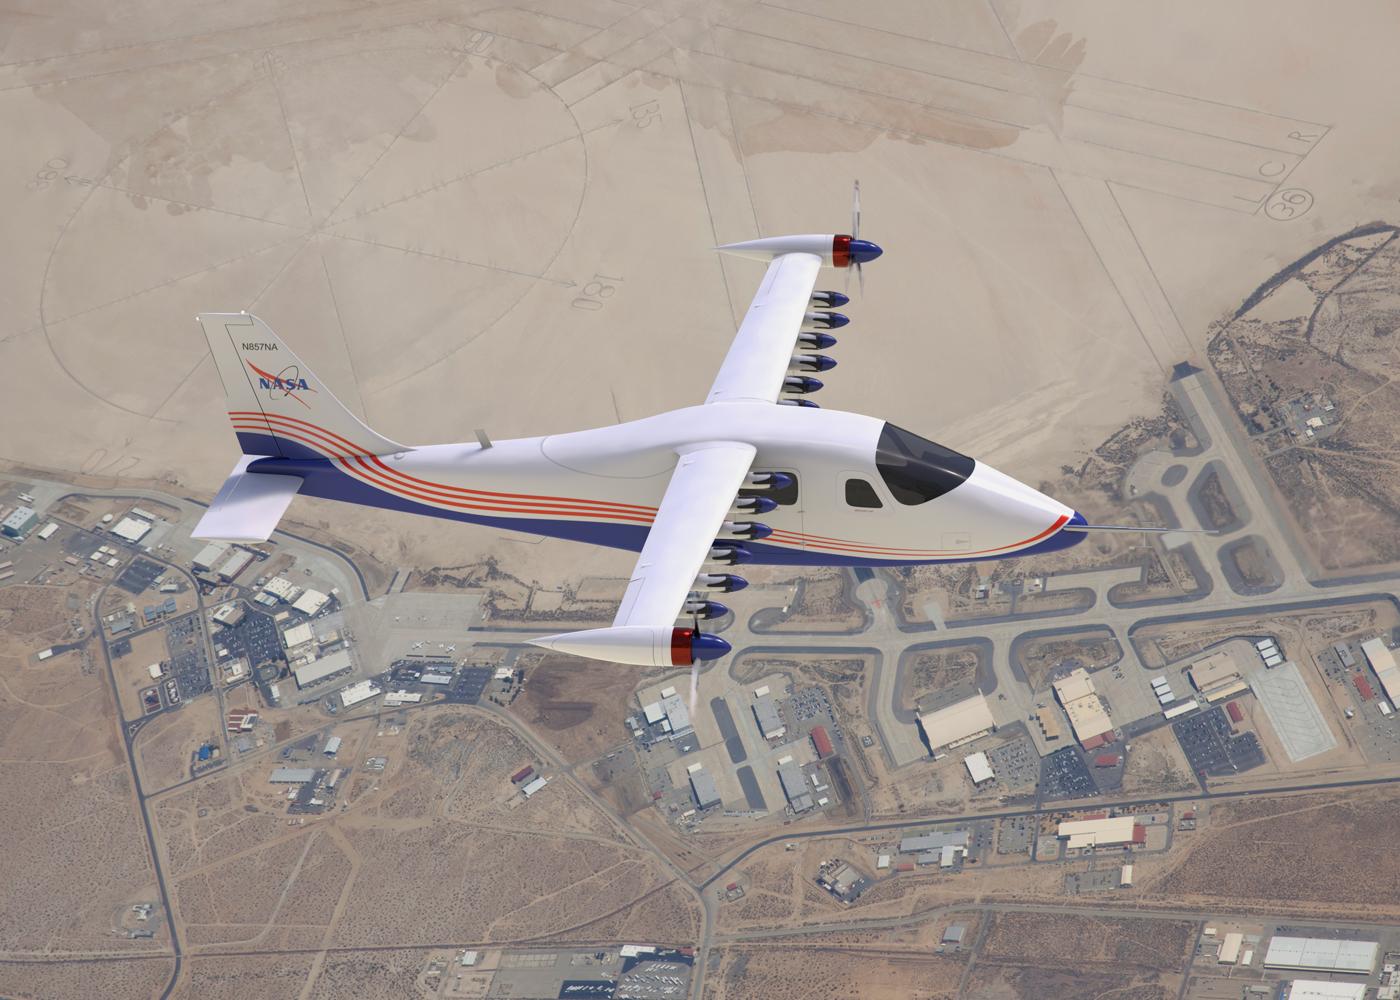 ESAero X-57 Maxwell